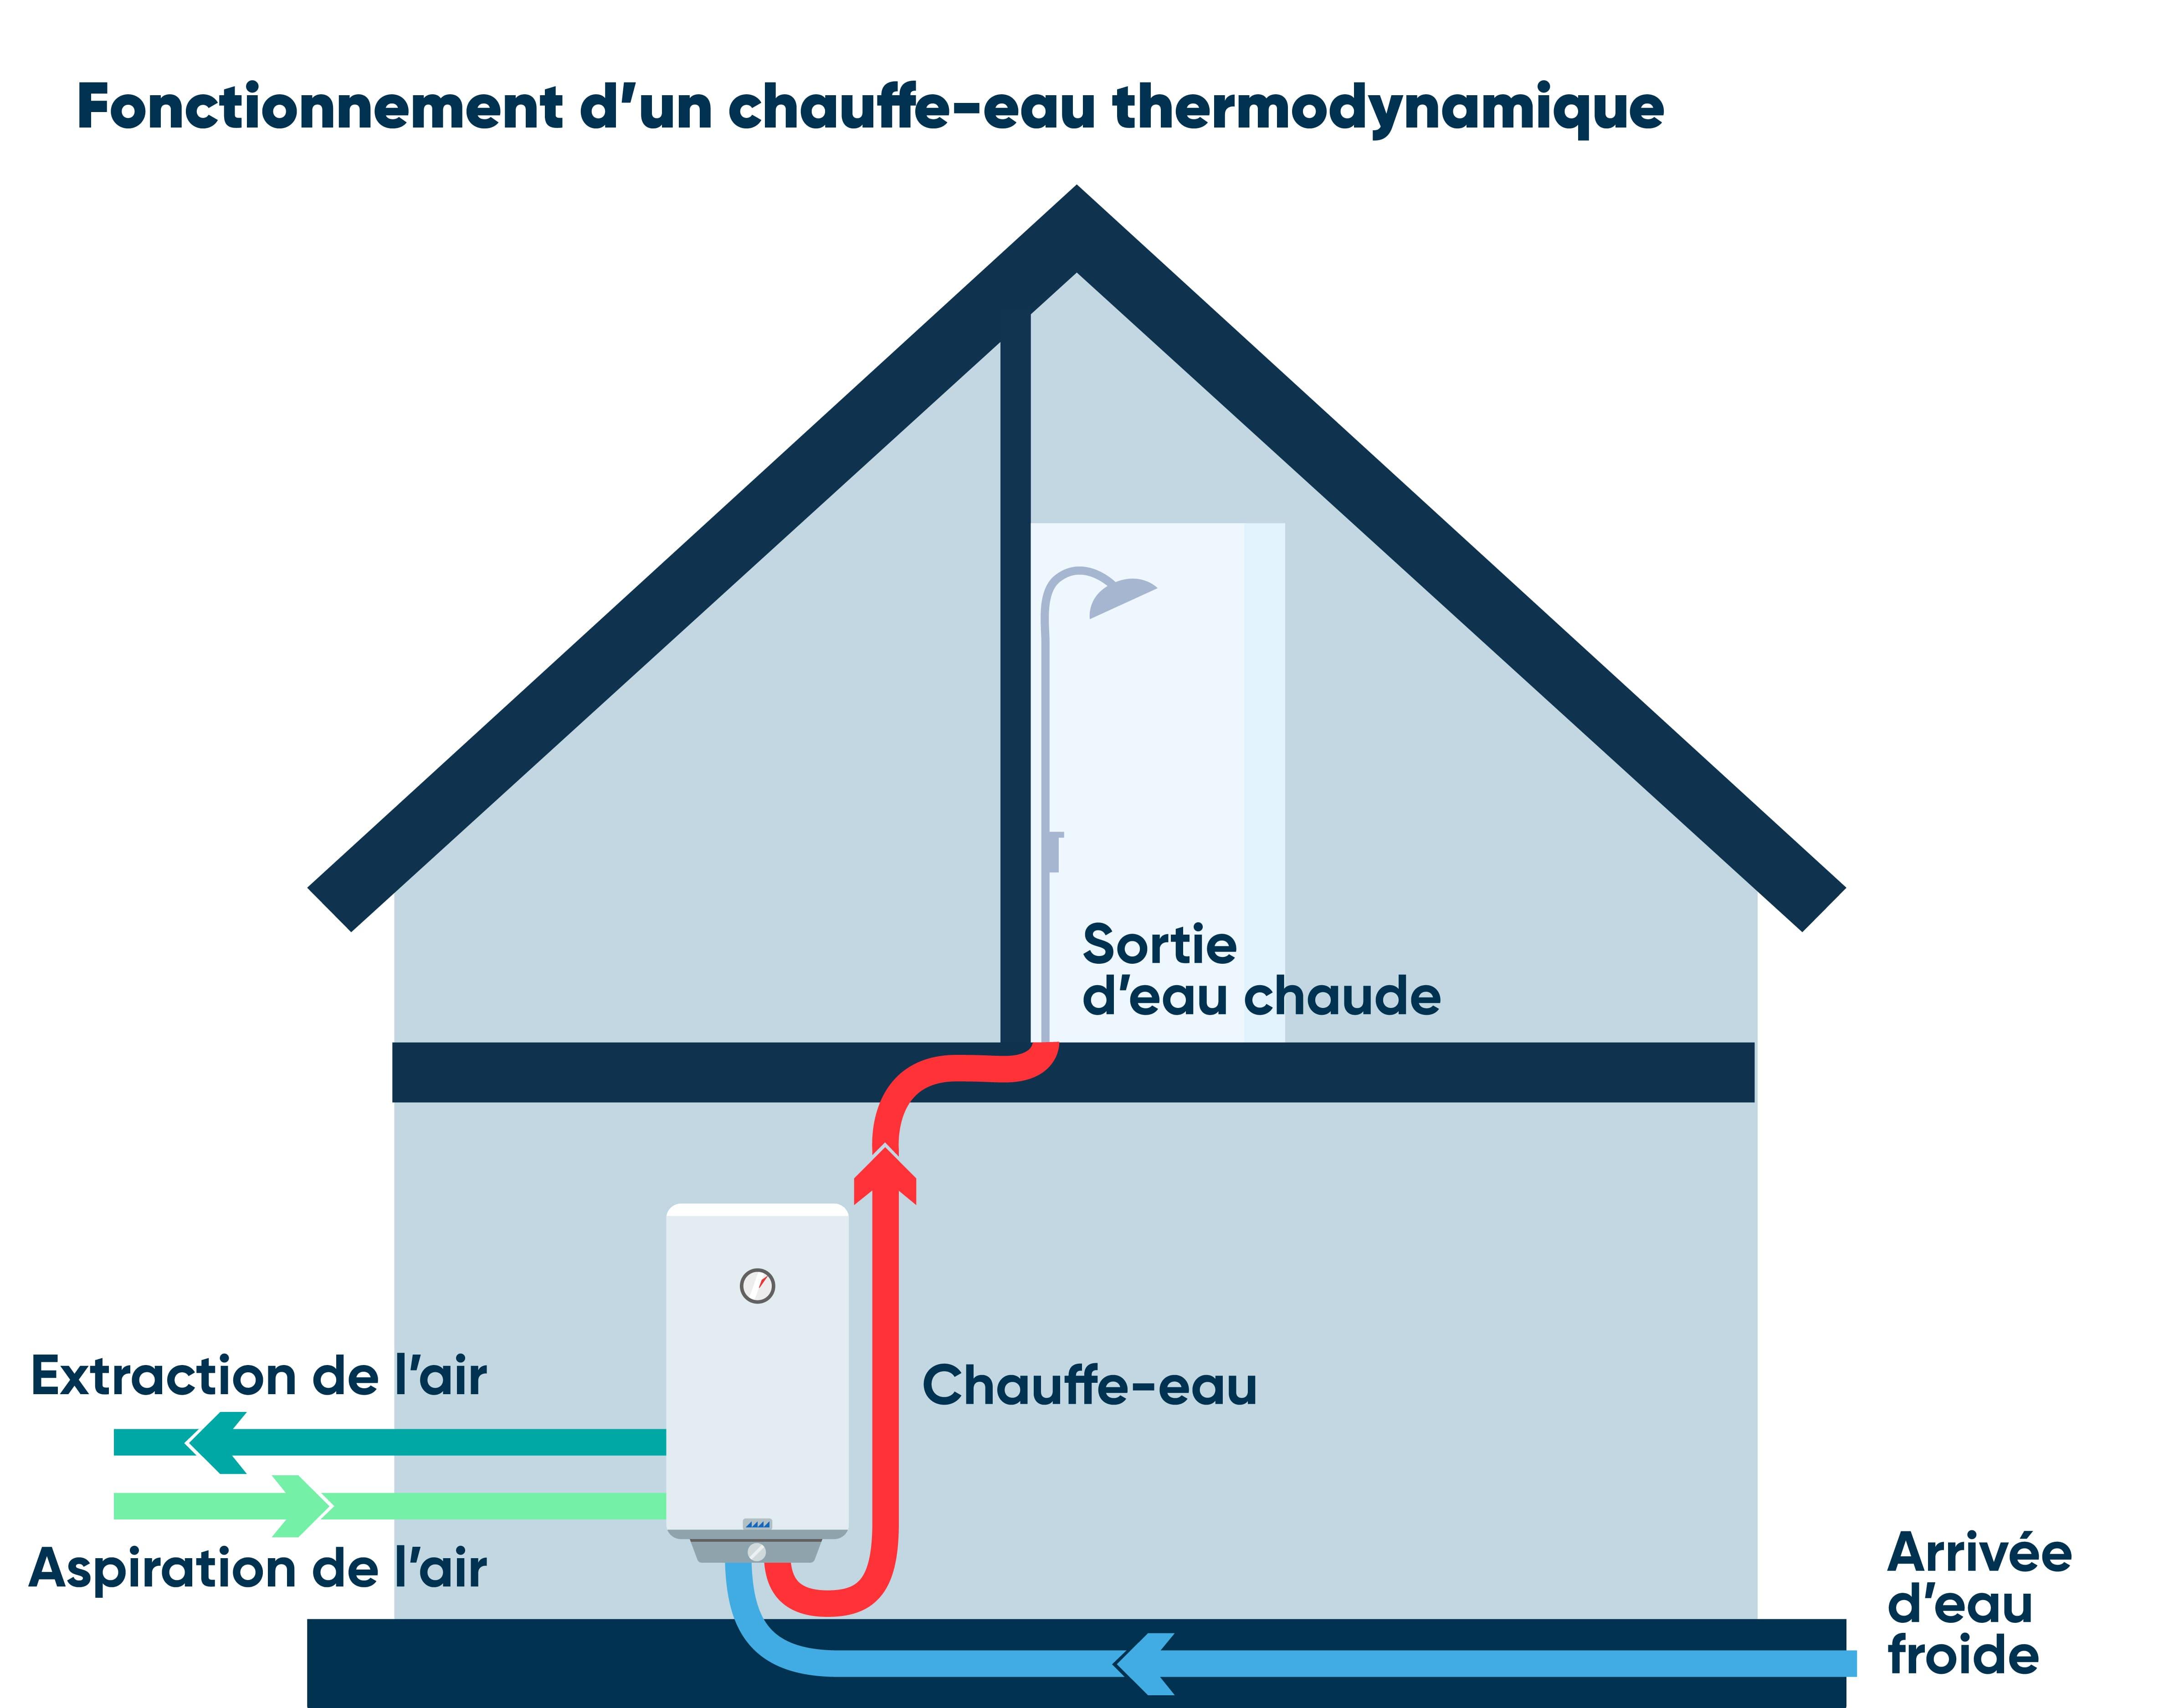 Fonctionnement chauffe eau thermodynamique